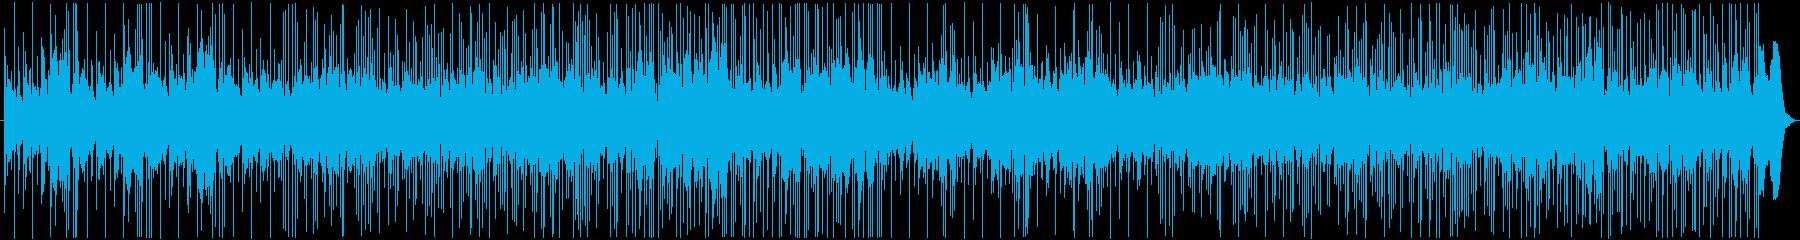 ストリングパッド、コンガ、ジャンベ...の再生済みの波形